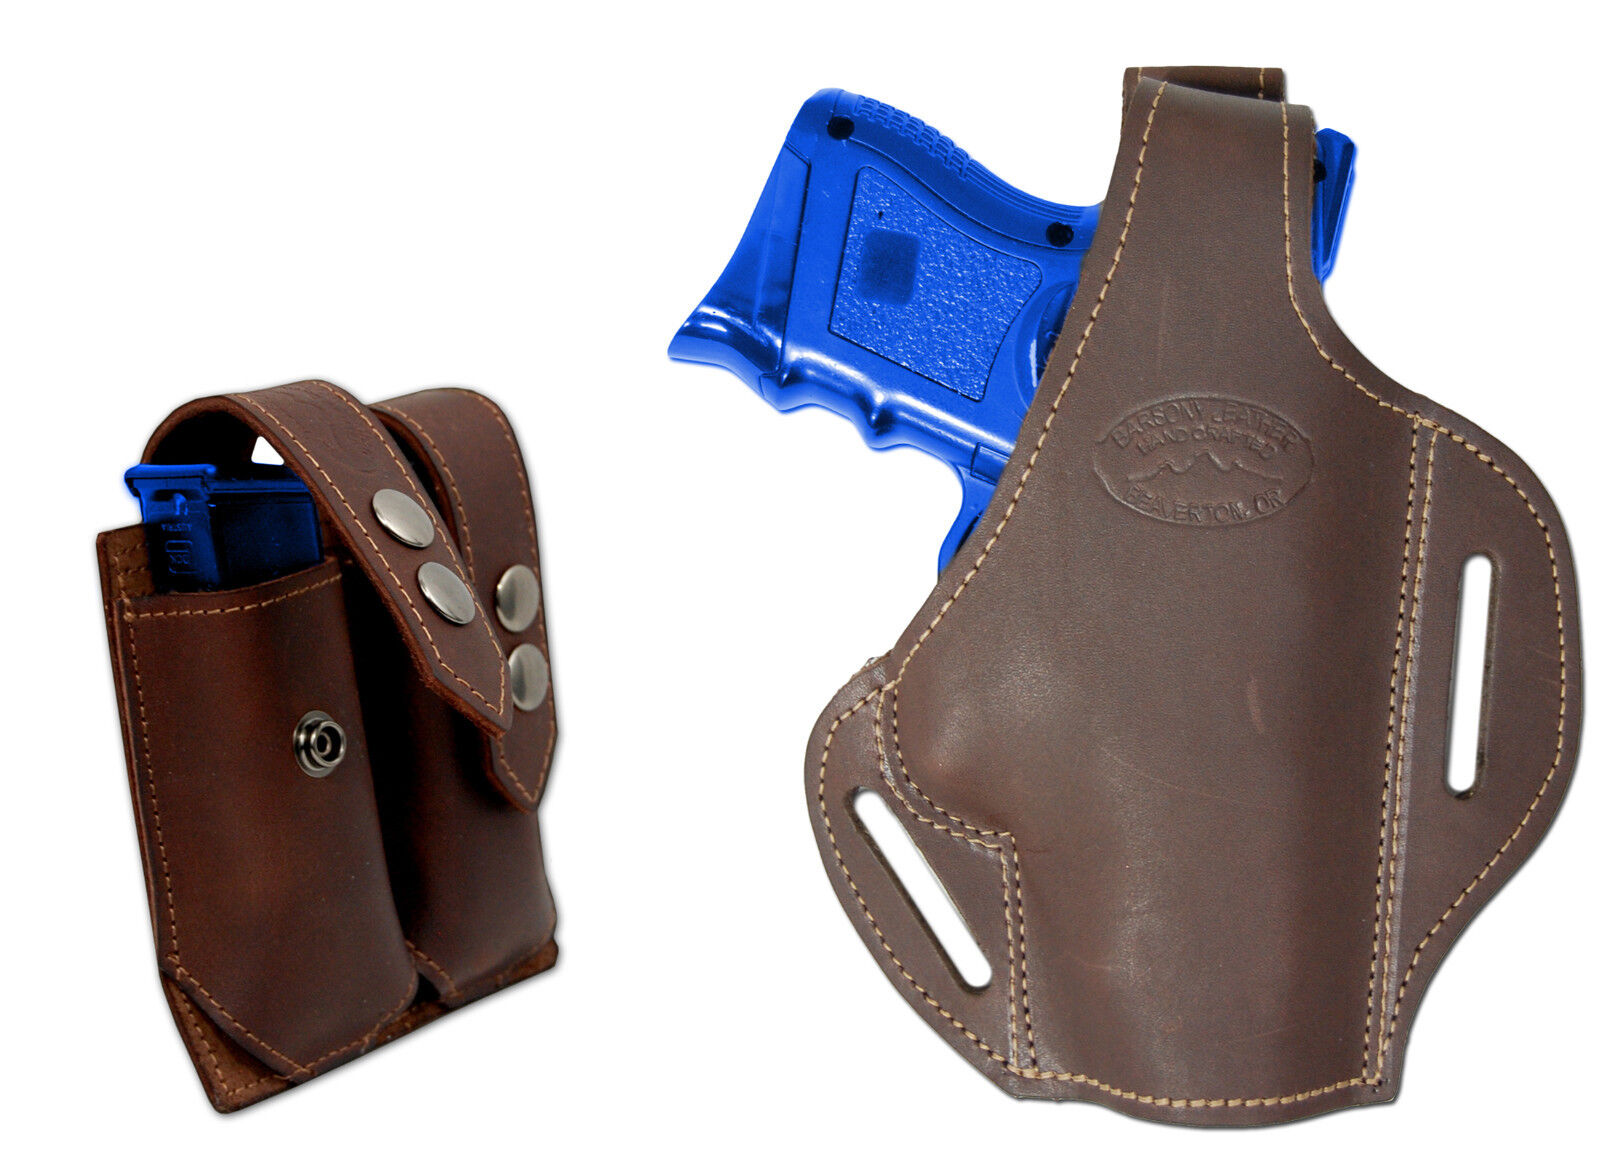 Nuevo marrón cuero panqueque Cartuchera + Dbl Mag Pouch Astra Beretta Compacto 9mm 40